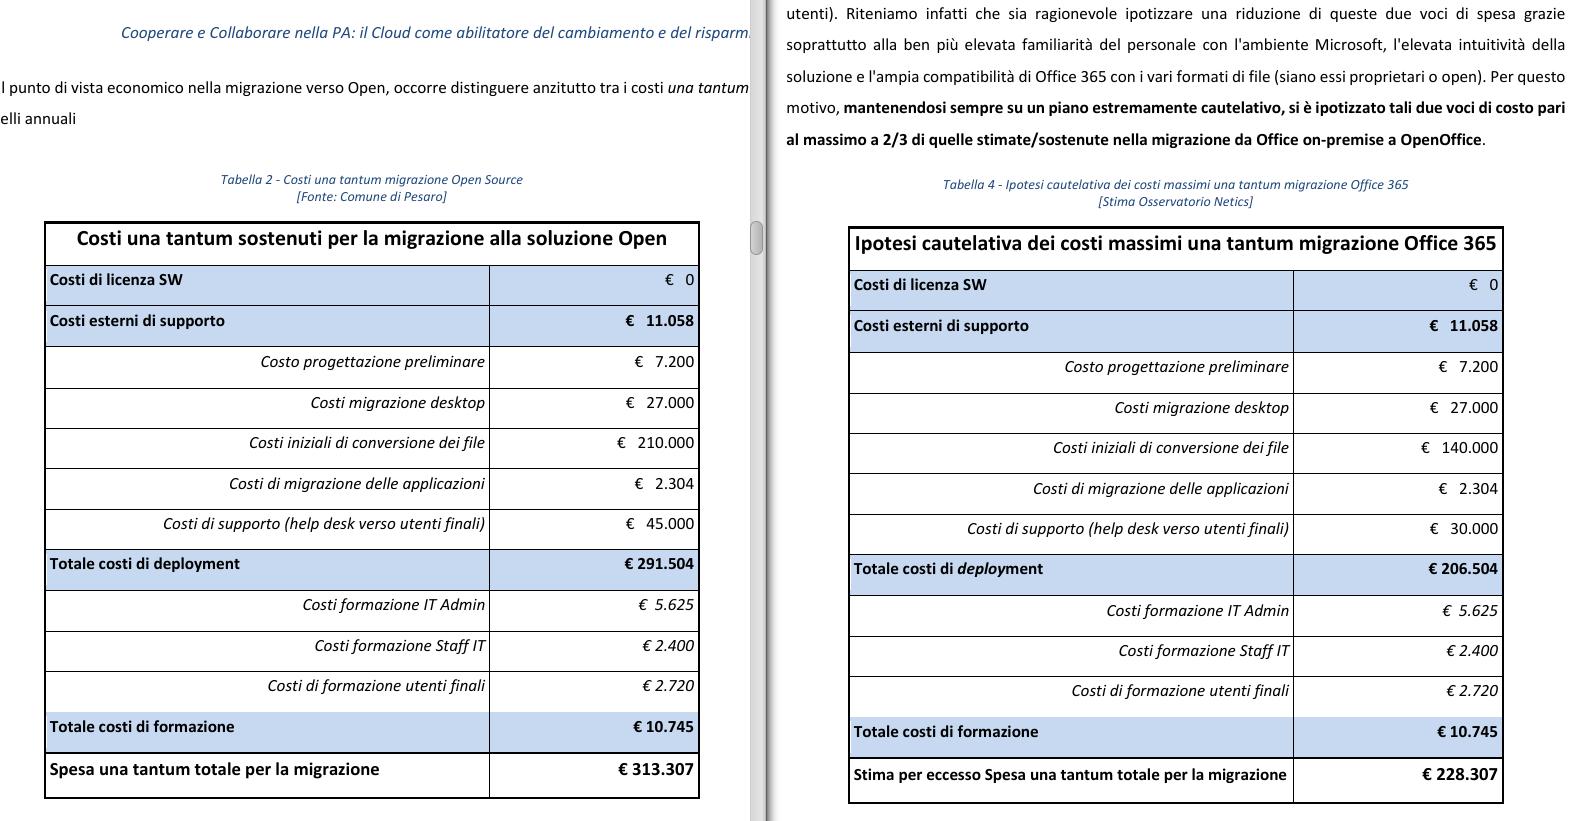 Pesaro, Microsoft e OpenOffice: prima rifacciamo il punto... /img/pesaro-confronto-costi-una-tantum-migrazioni.png